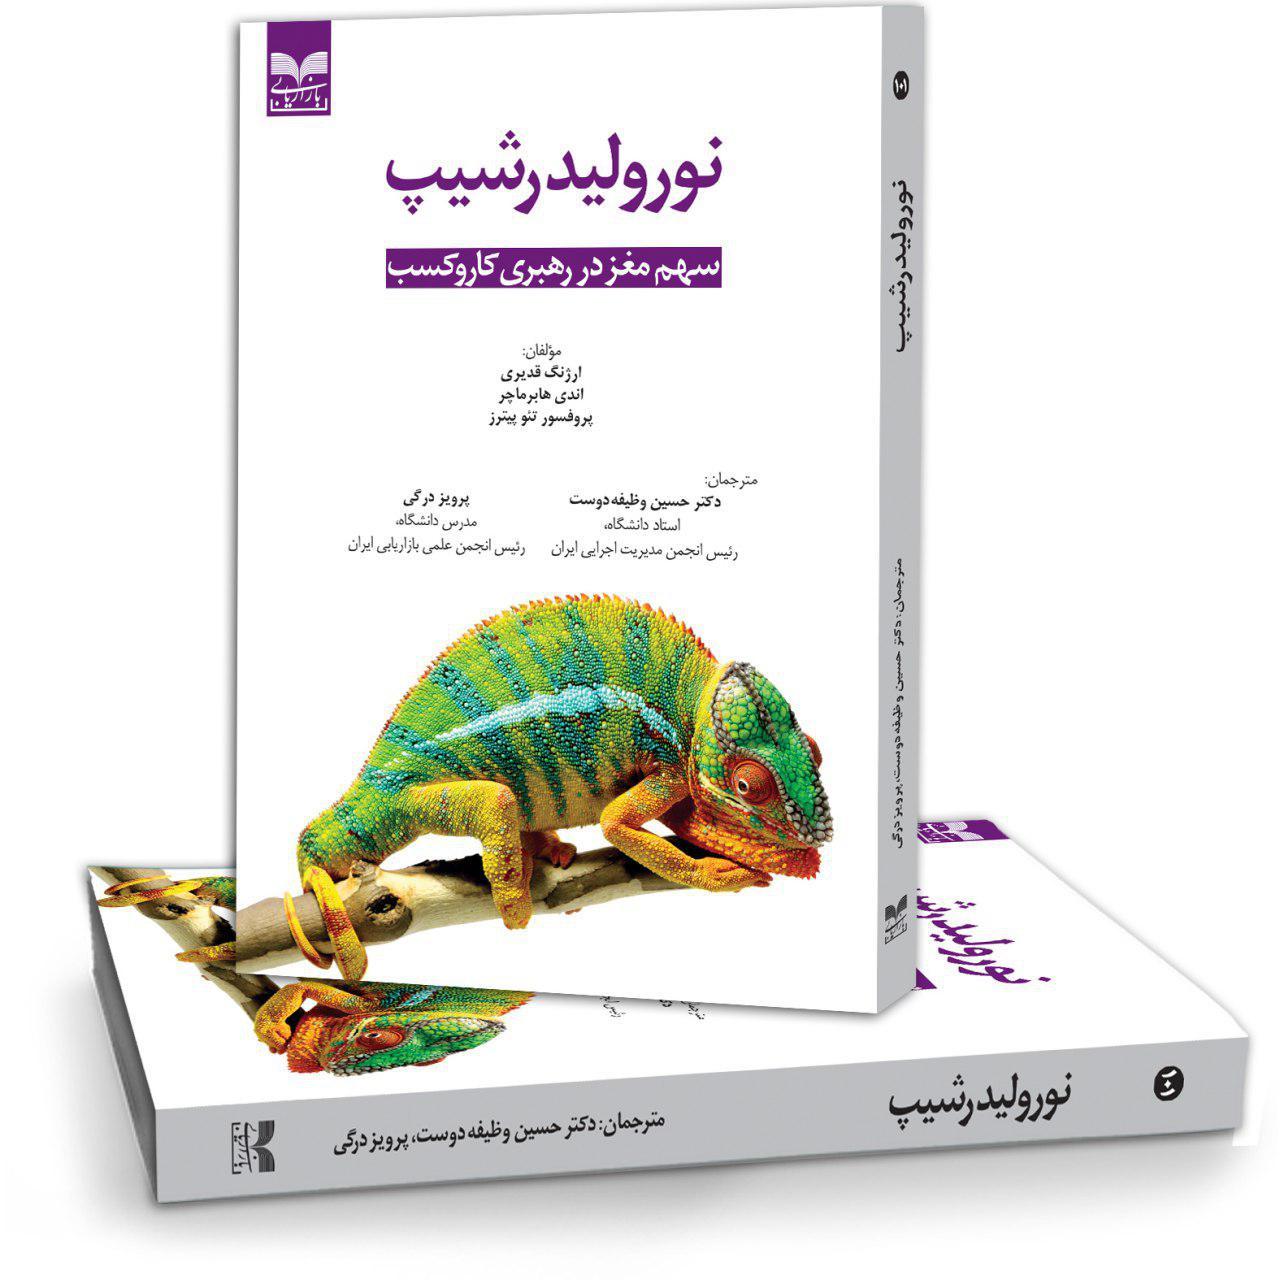 کتاب نورولیدرشیپ-سهم مغز در رهبری کاروکسب از انتشارات بازاریابی به چاپ رسید